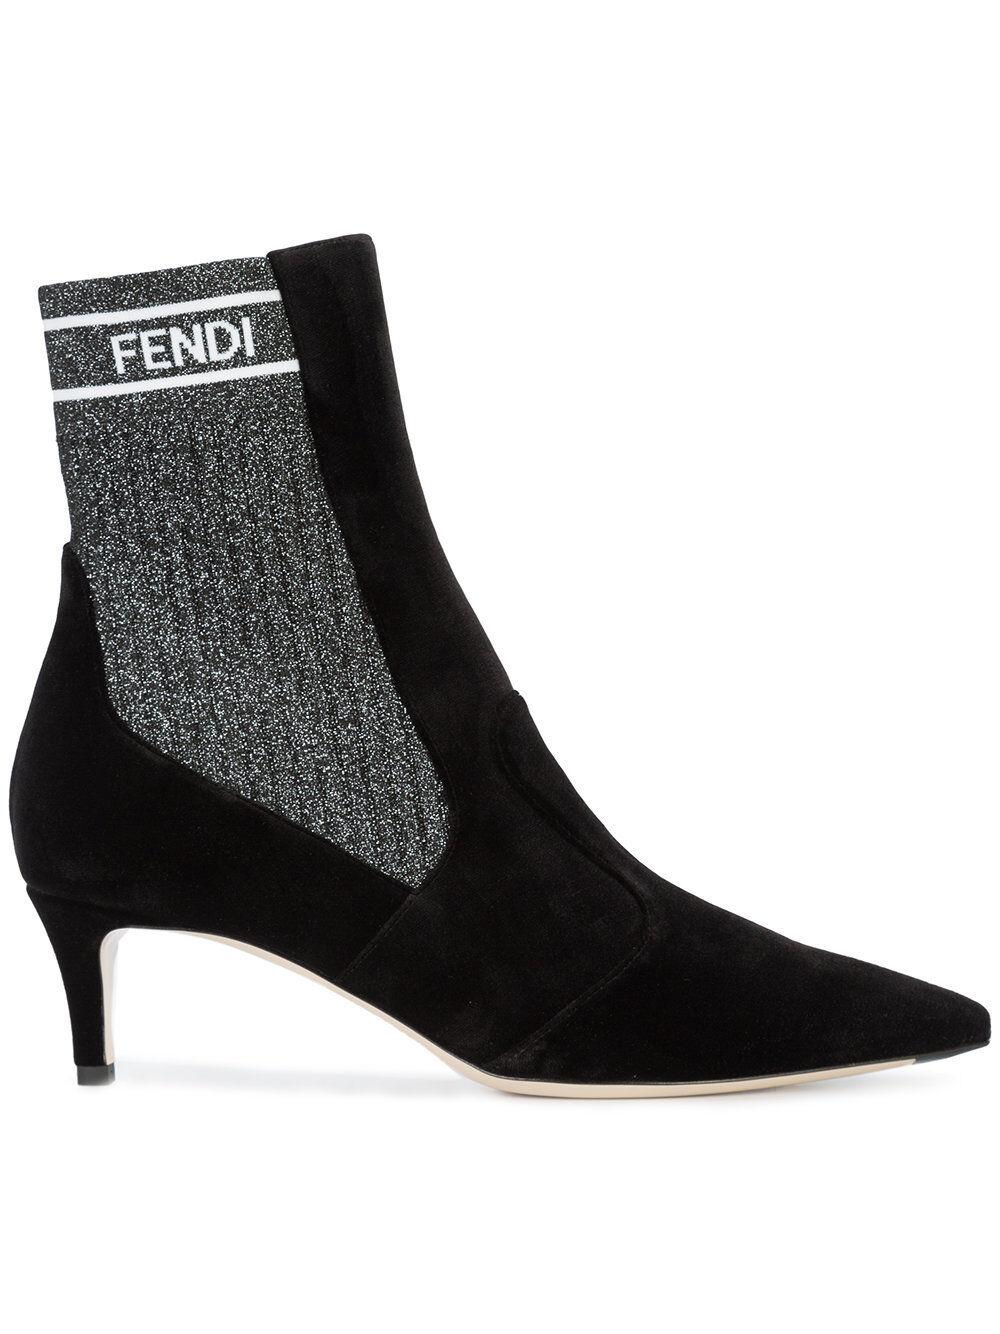 Nuevo En Caja Nuevo Terciopelo Negro de mujer mujer mujer Fendi rockoko Calcetines Abotinados botas Logo 37.5 38.5  diseñador en linea